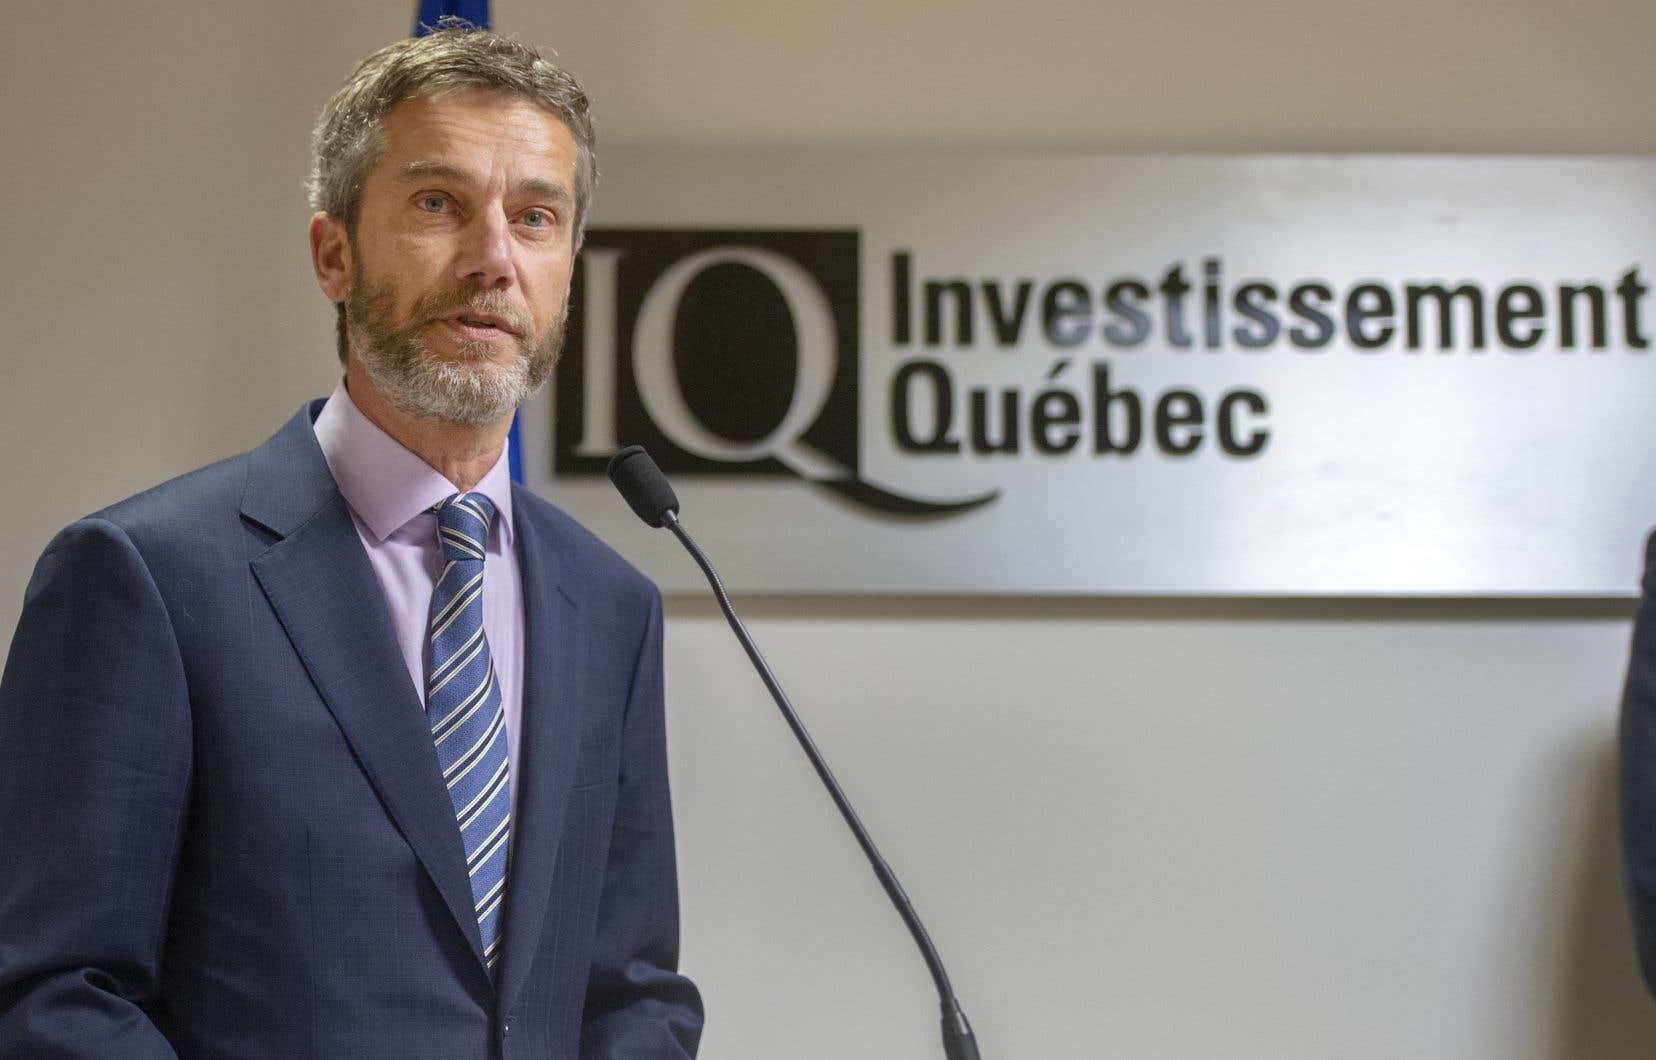 Le p.-d.g. d'Investissement Québec, Guy Leblanc, se dit conscient que la deuxième vague de la pandémie peut changer la donne d'ici 2021.